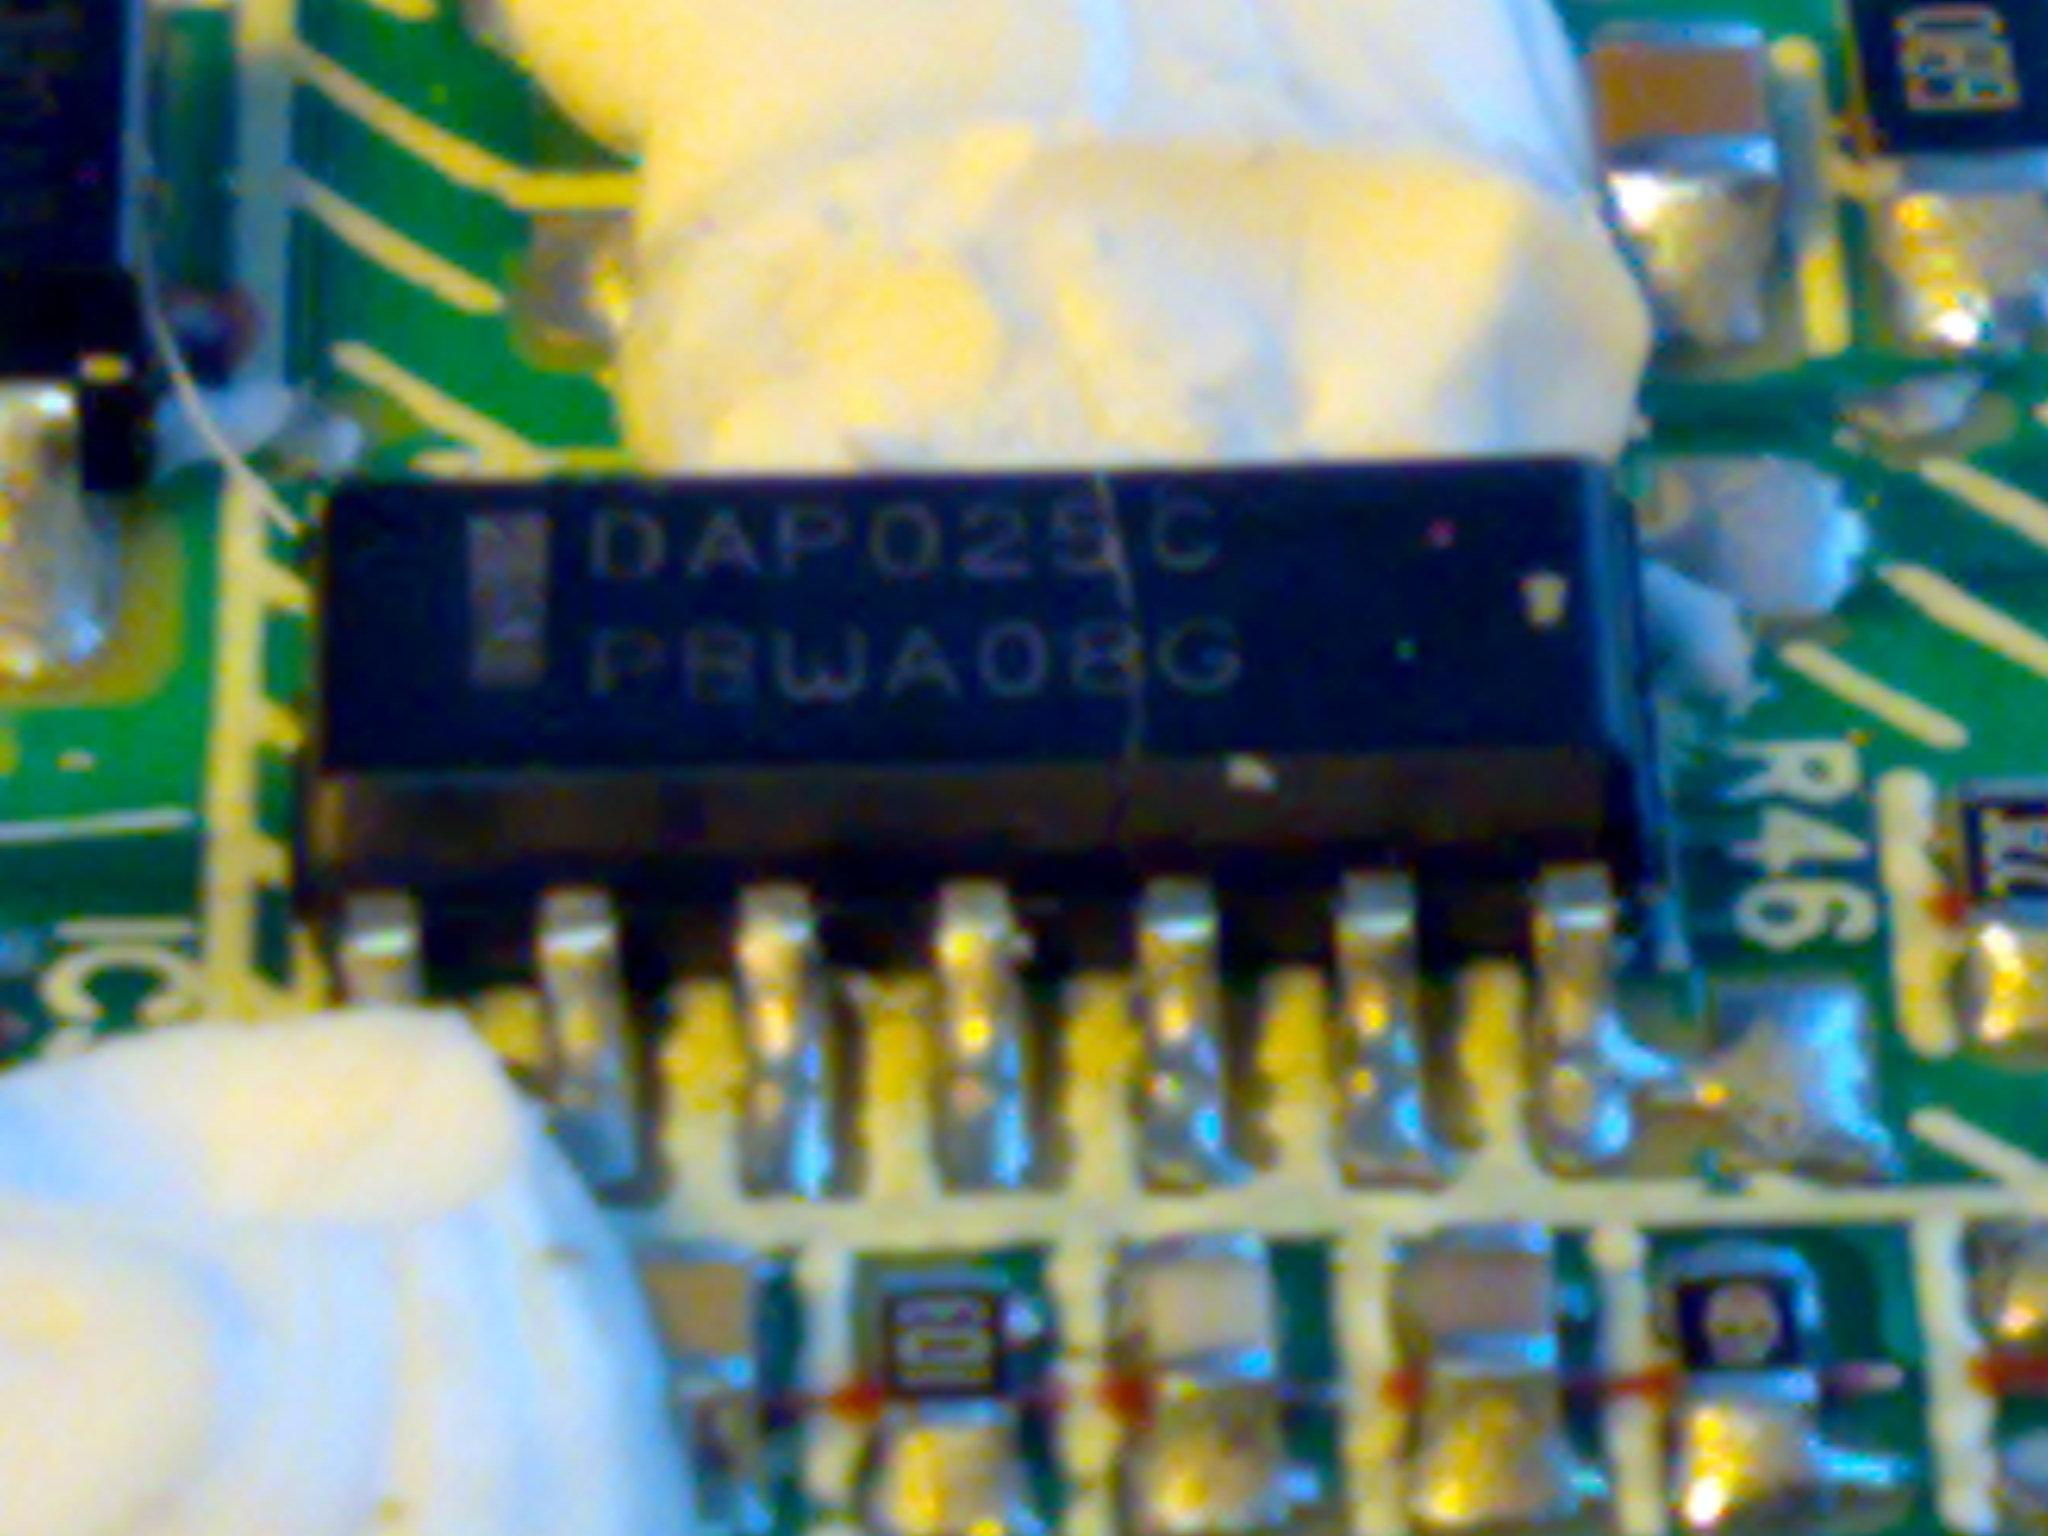 DAP025C